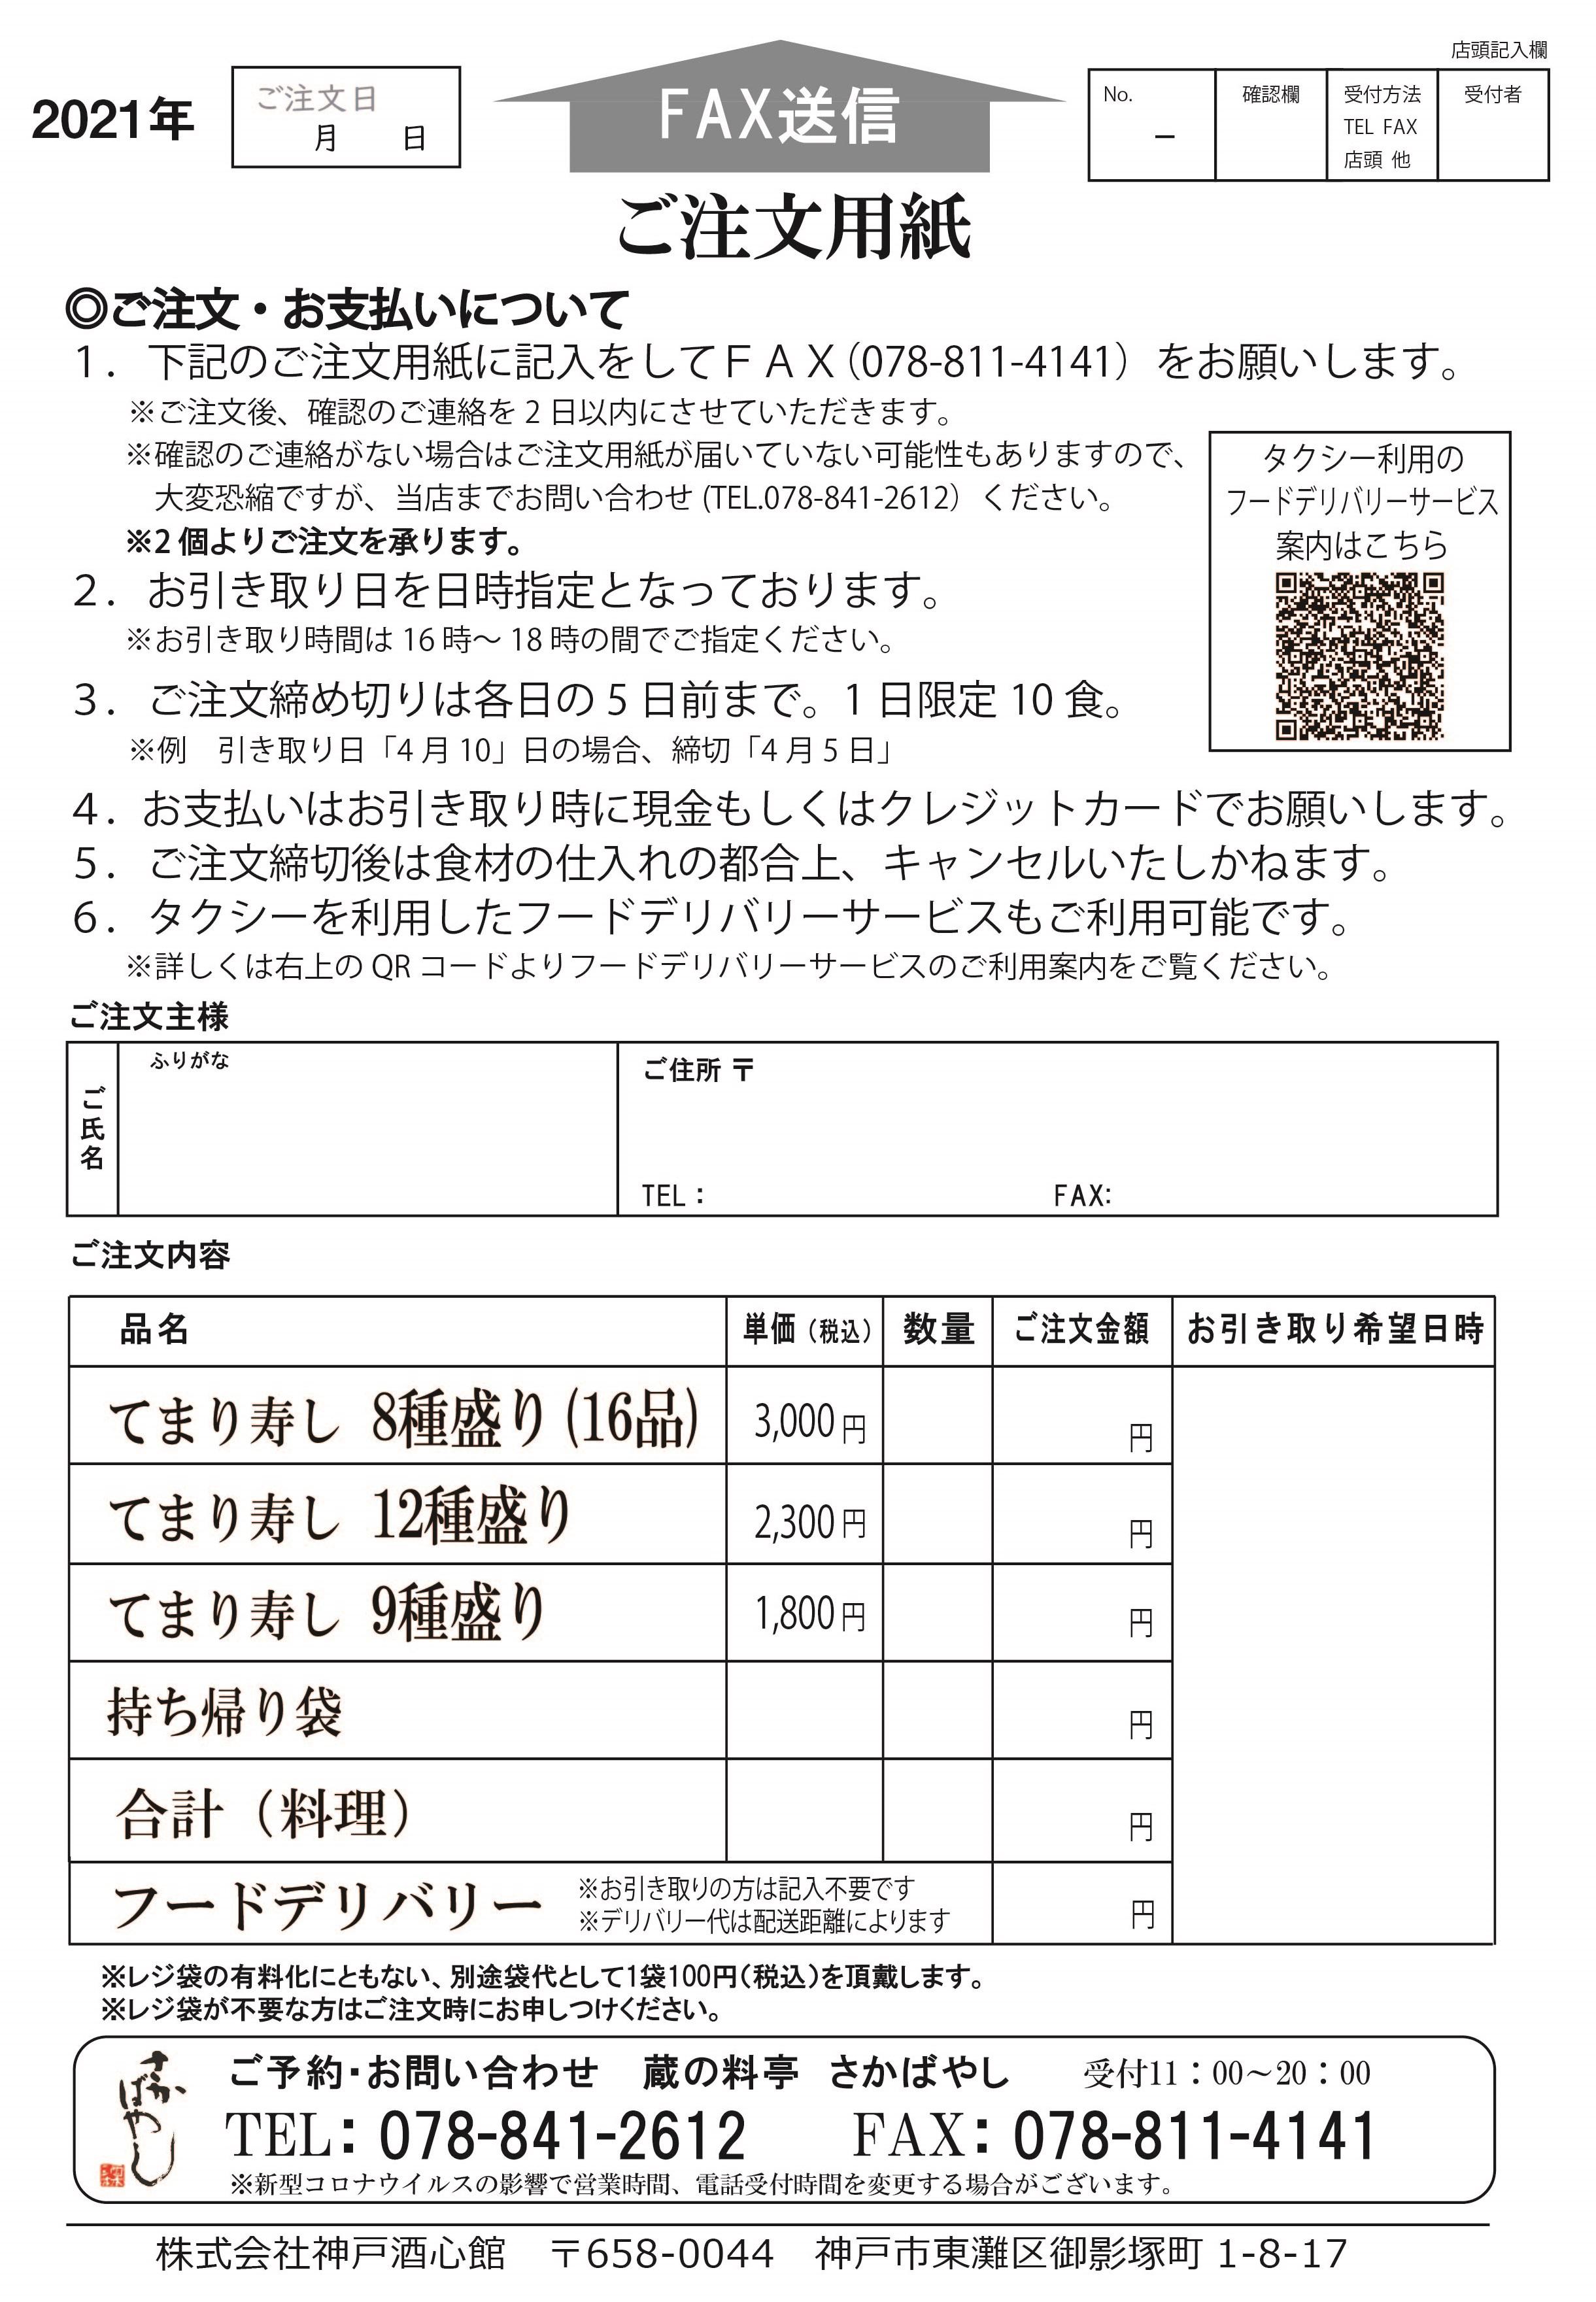 てまり寿司2021_裏v1